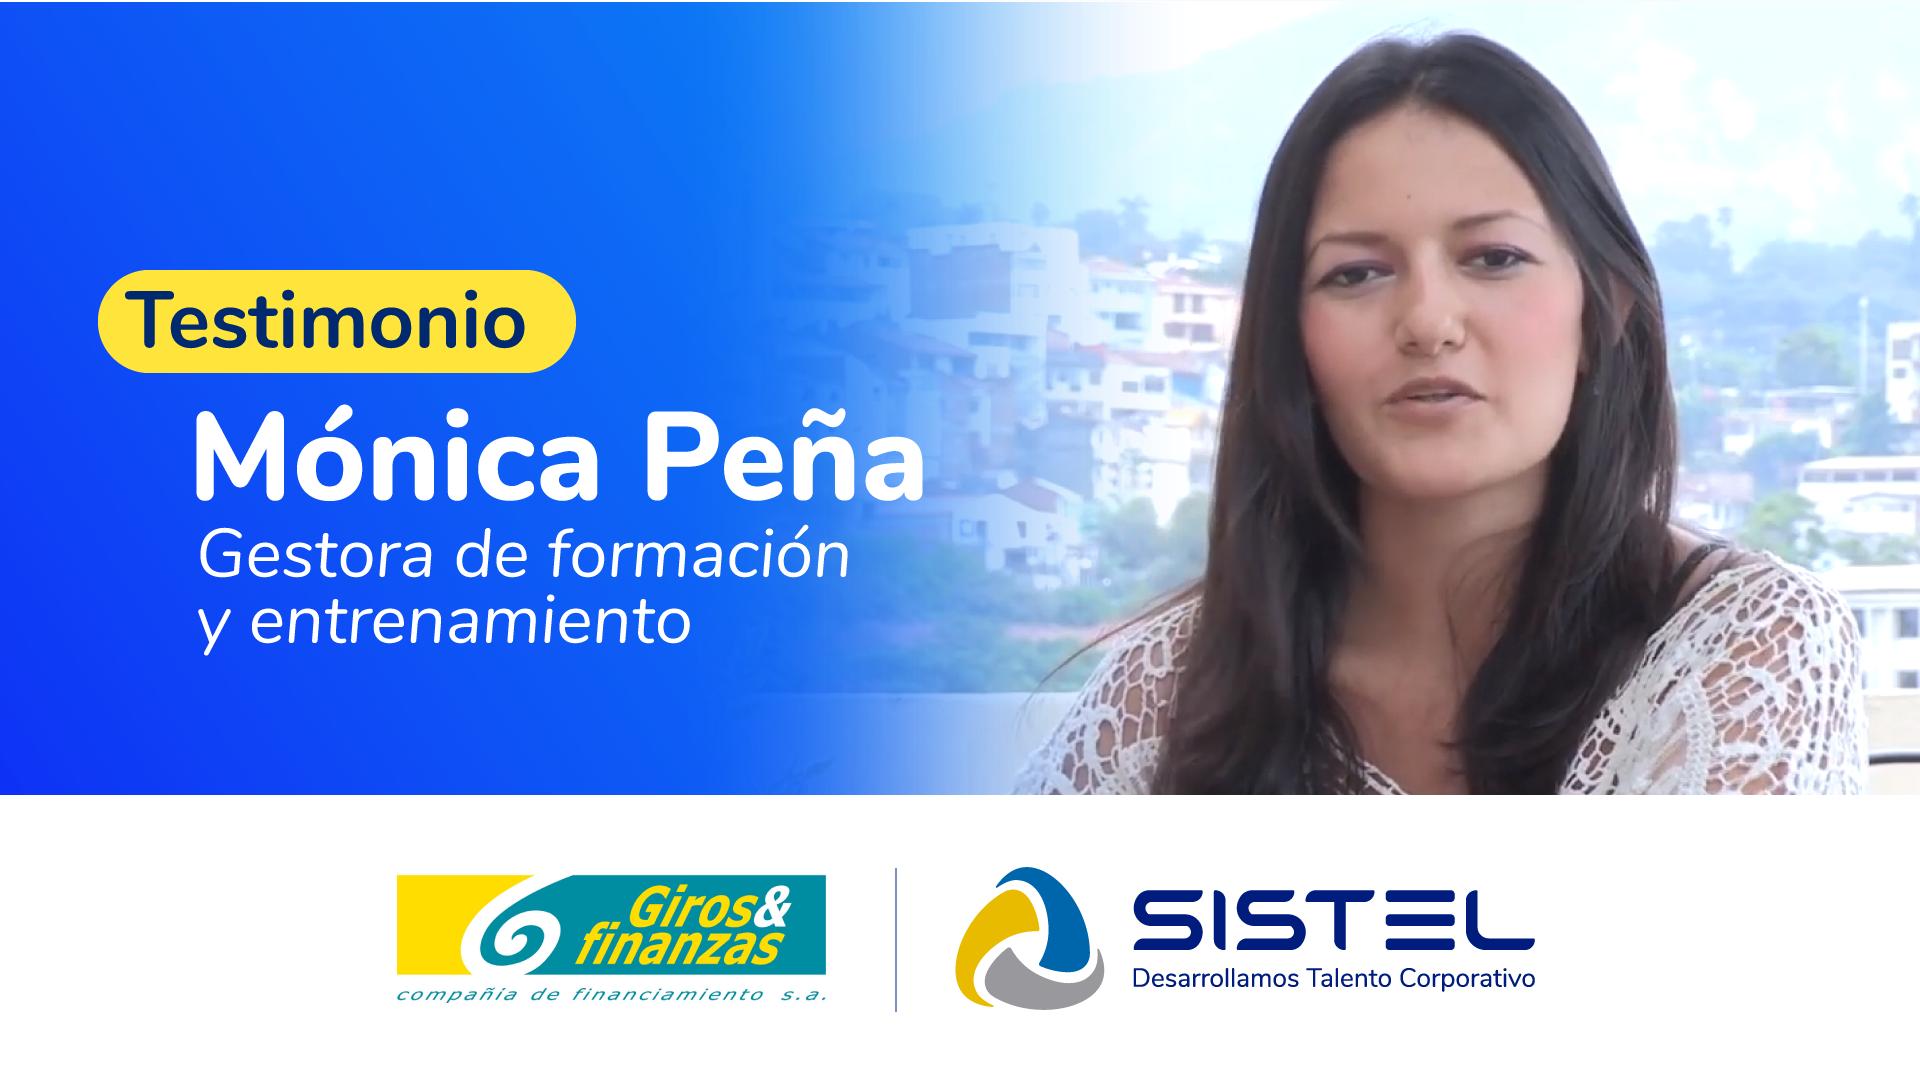 Testimonio Giros & Finanzas Sistel